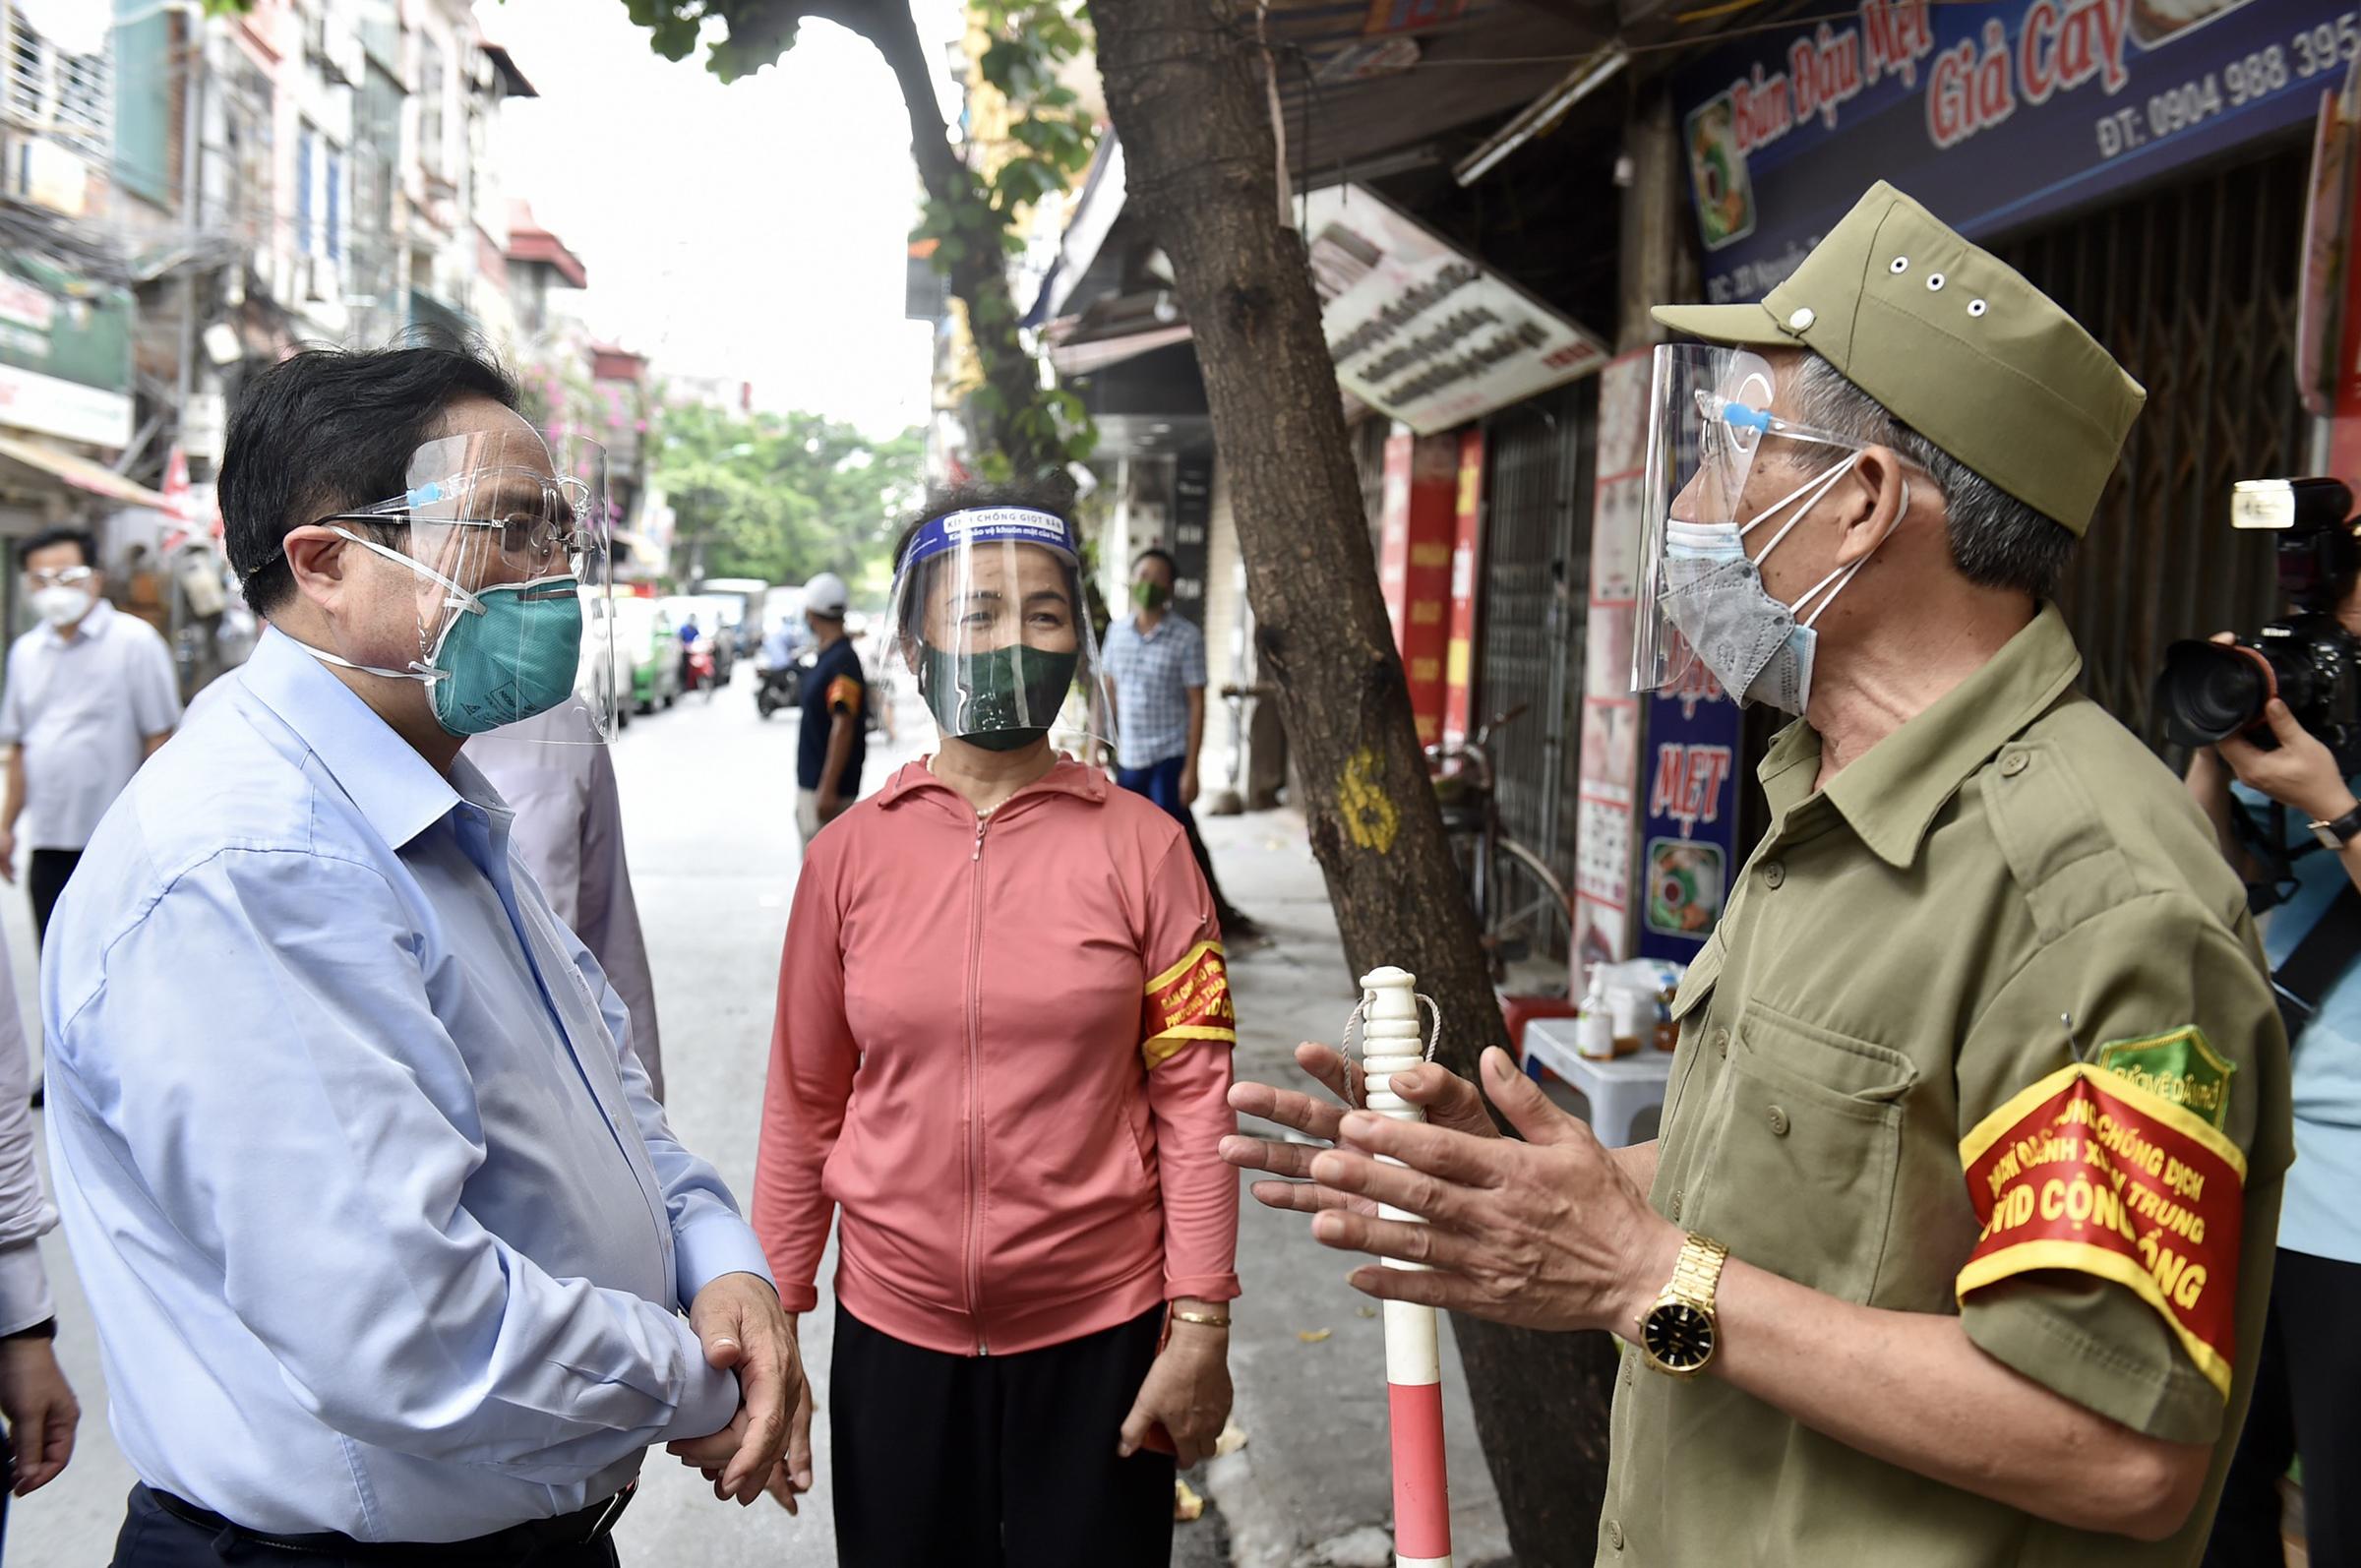 Thủ tướng hỏi thăm tình hình, động viên, chia sẻ với thành viên tổ Covid-19 cộng đồng đang thực hiện nhiệm vụ tại khu vực phường Thanh Xuân Trung, Hà Nội, chiều 31/8. Ảnh: Nhật Bắc